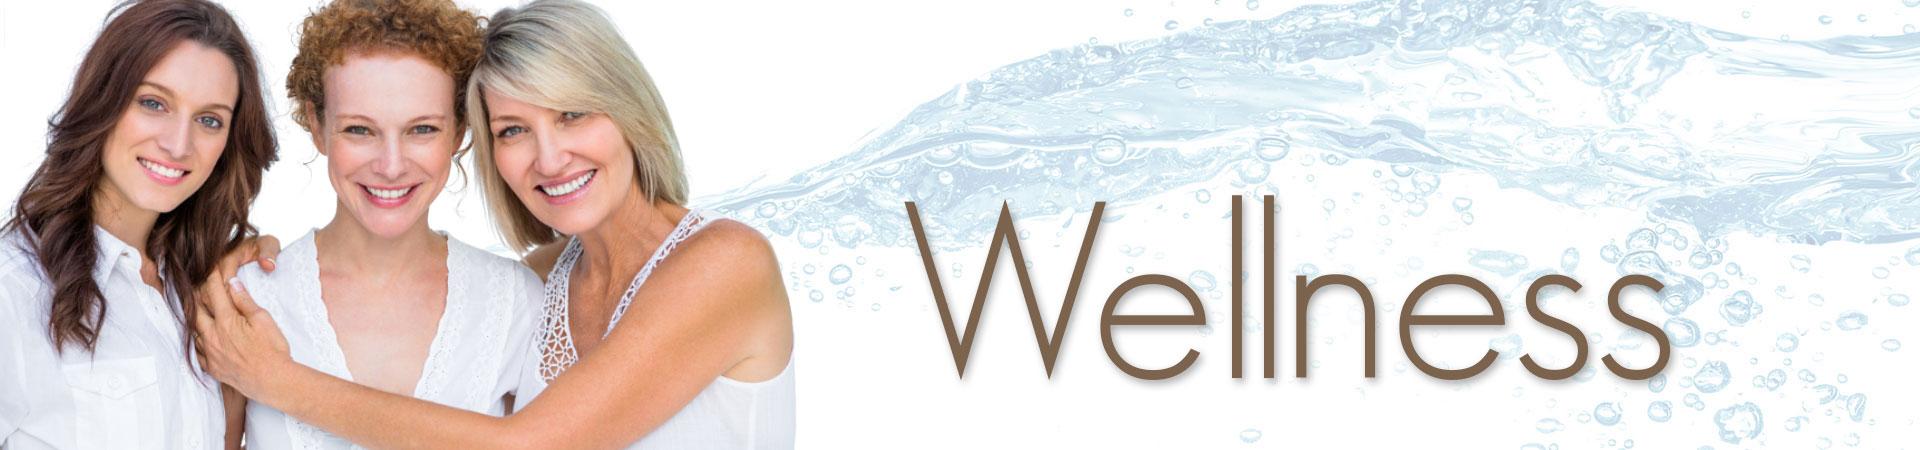 wellness-bg